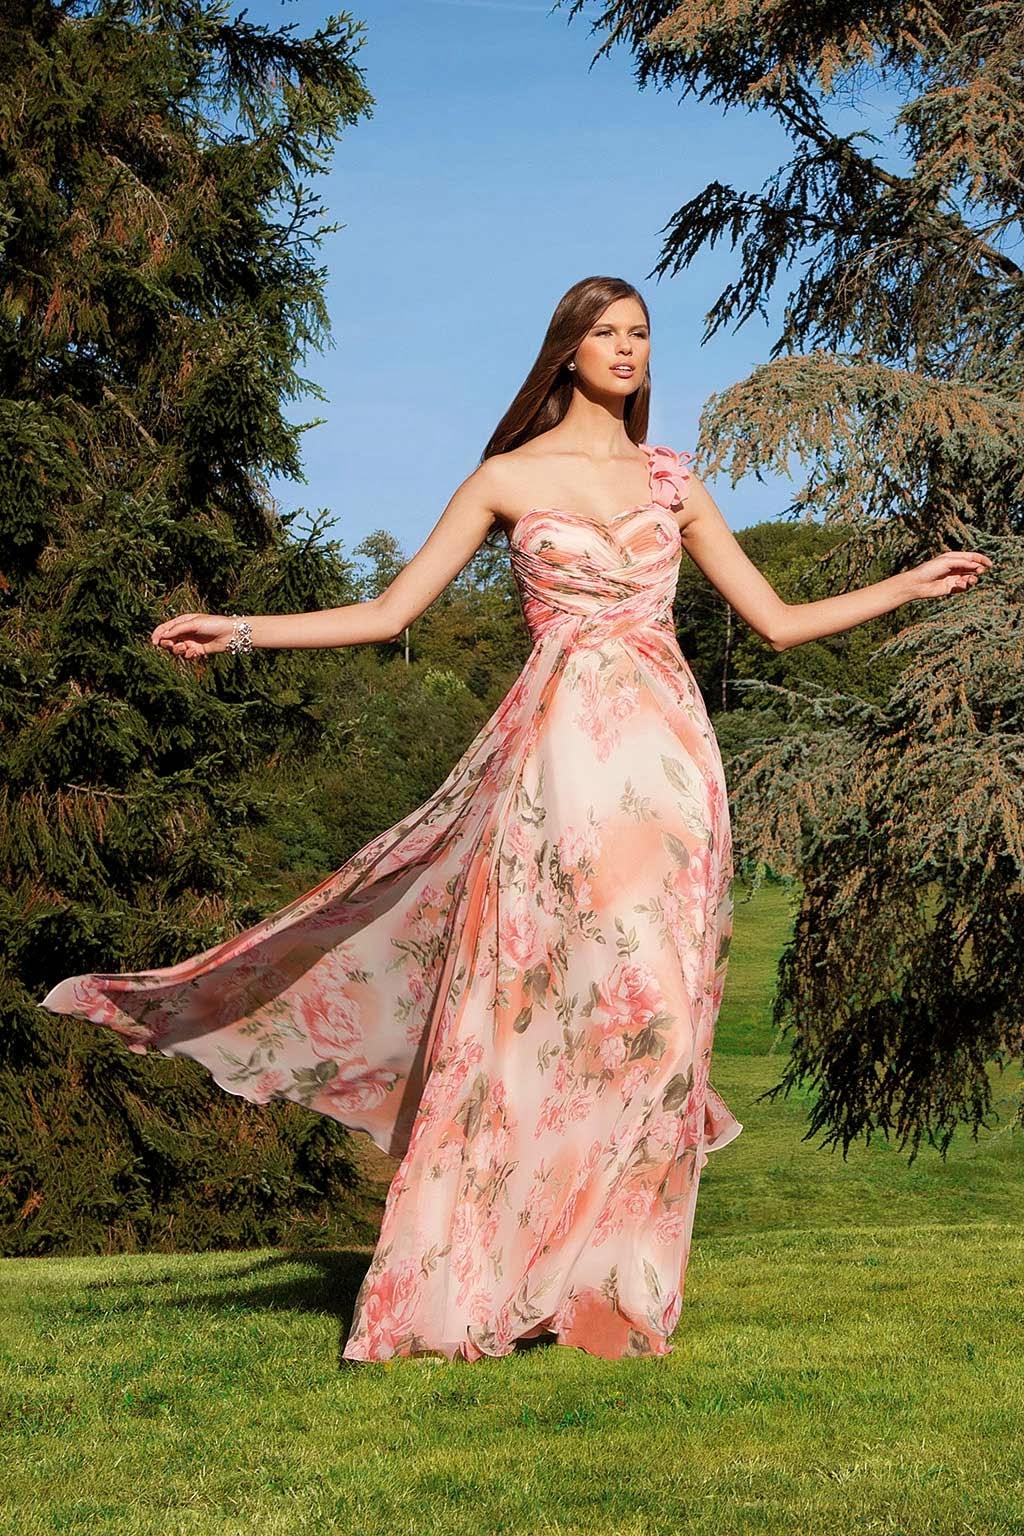 Adatto ad un matrimonio campestre questo abito della collezione Sonia Pena 85b6dc8d5a2b